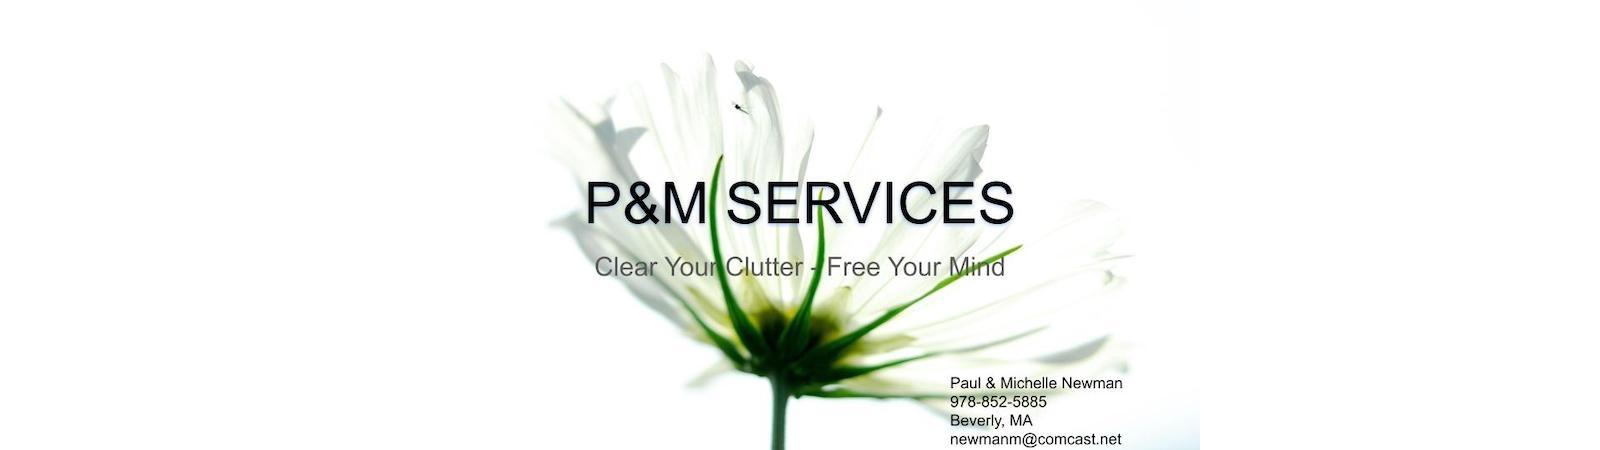 P&M Services | Auction Ninja